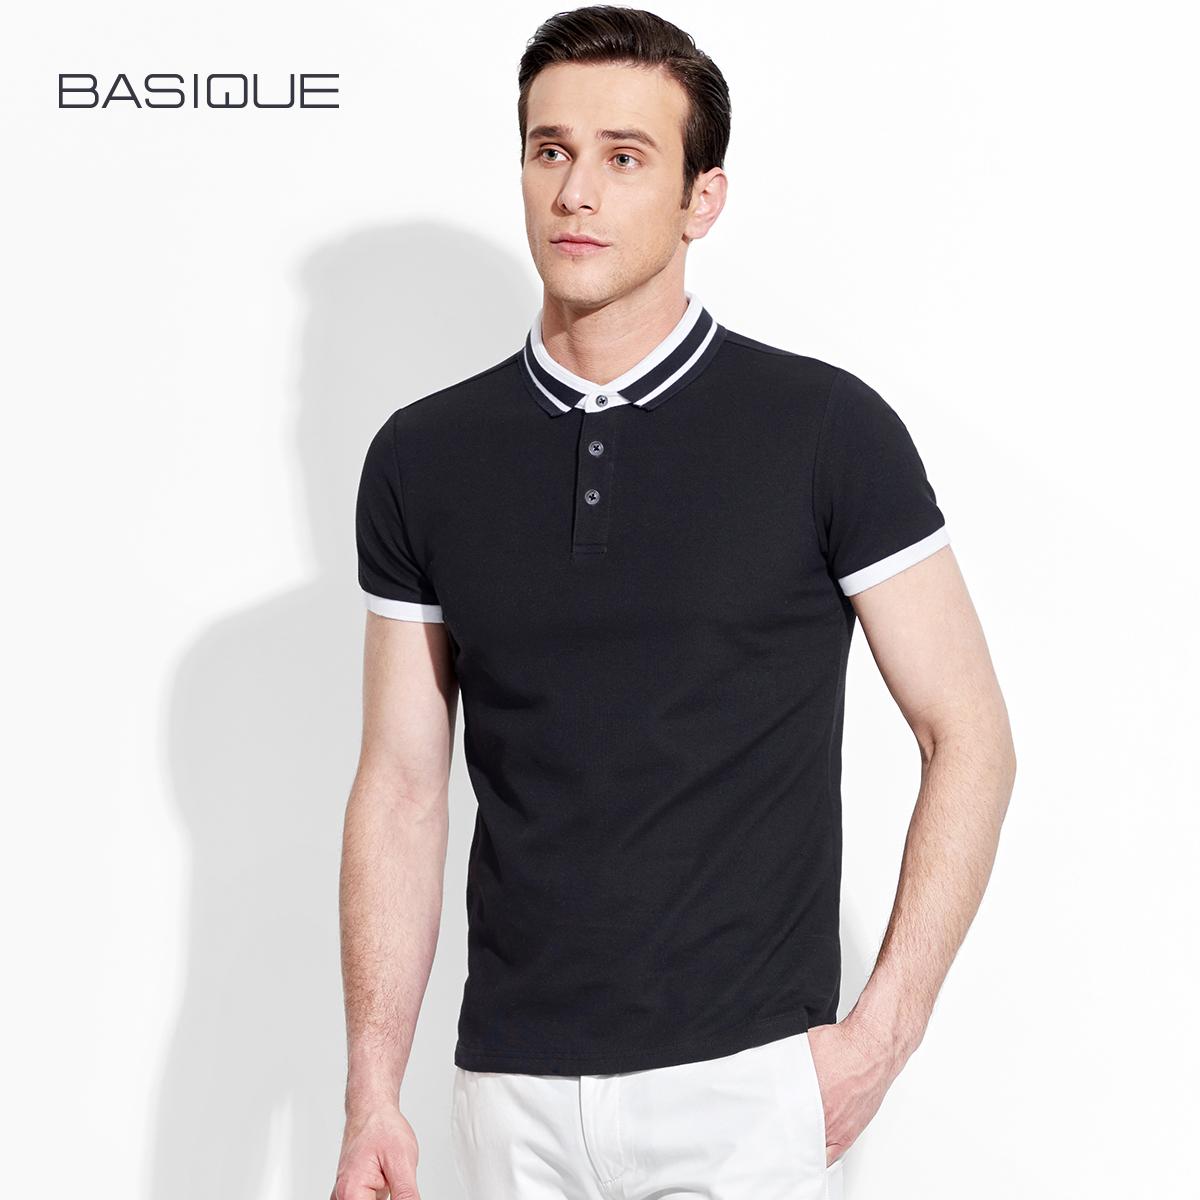 3e971a9b0af Yuanben BASIQUE Summer Men s Business Casual Polo Paul Shirt Men s Shirt  Collar Short Sleeve T-Shirt